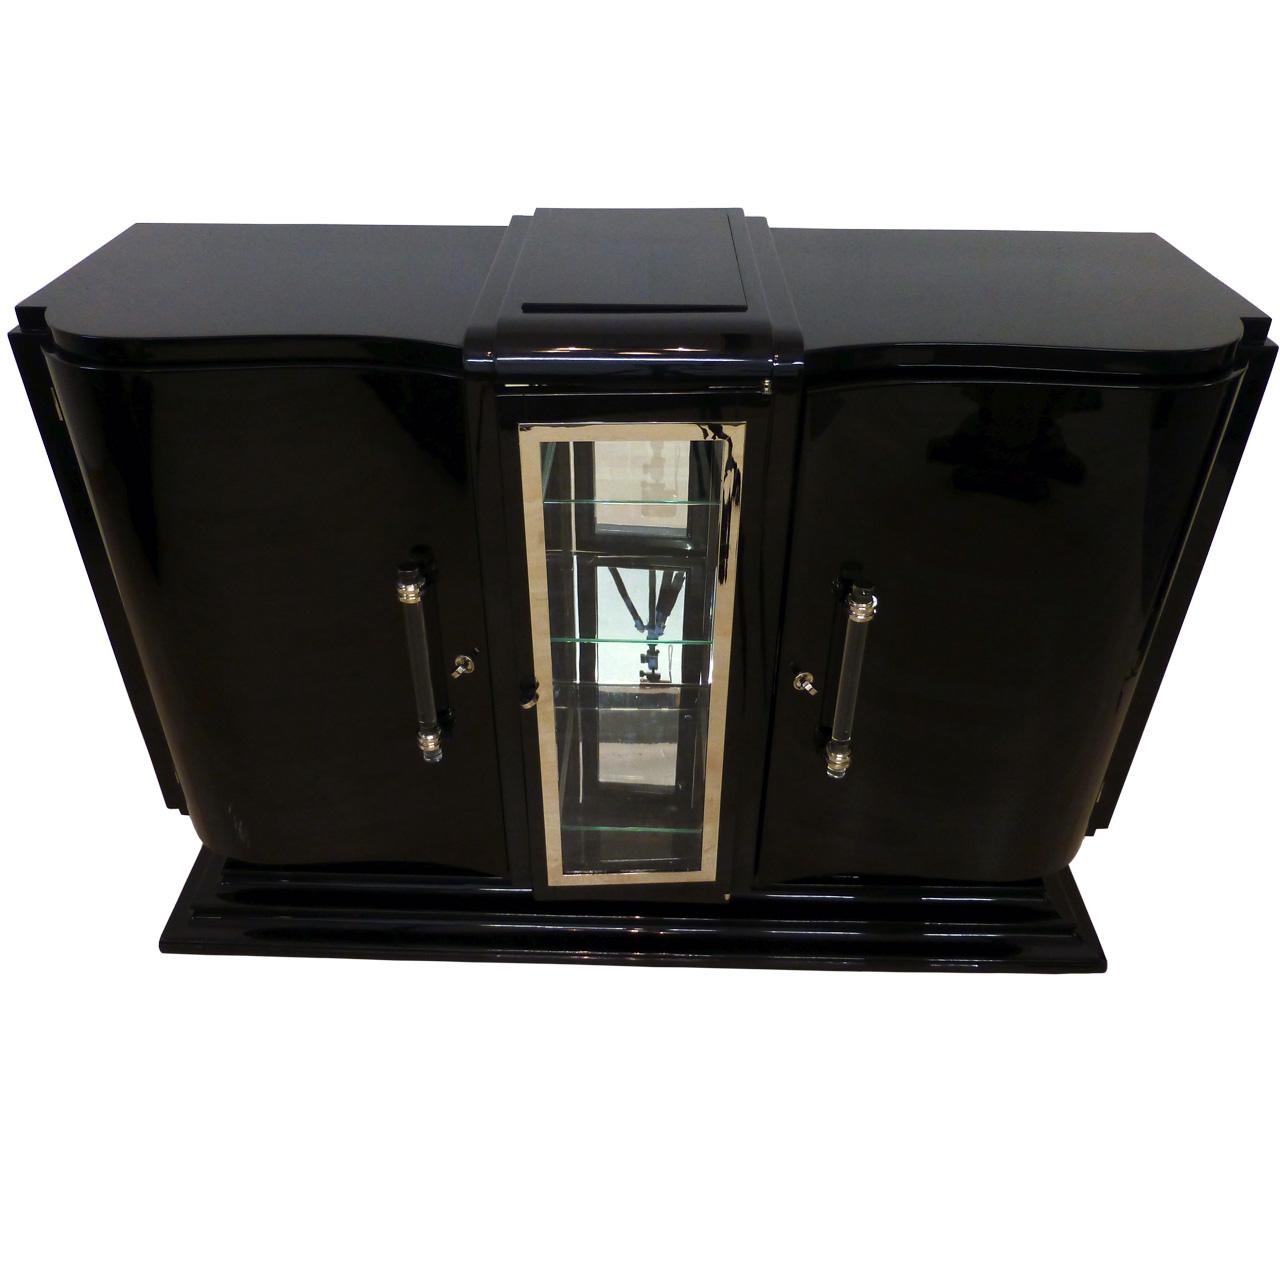 3419 Sehr elegantes originales Art Deco Sideboard, original aus Frankreich, gebaut um 1930